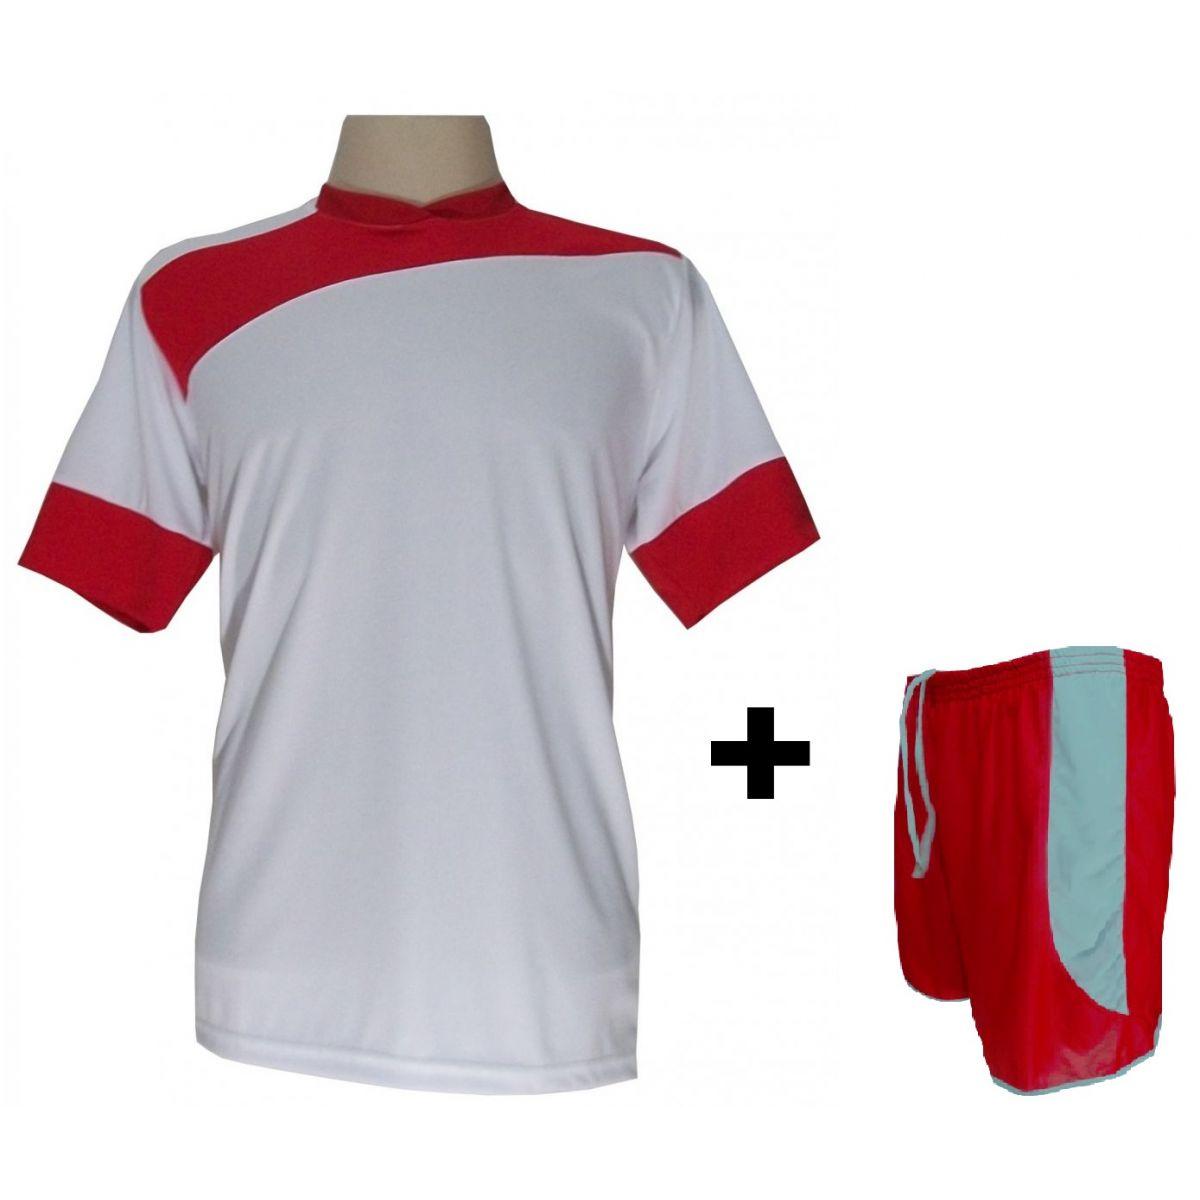 f5dd7859ef938 Uniforme Esportivo com 14 camisas modelo Sporting Branco Vermelho + 14  calções modelo Copa + ...